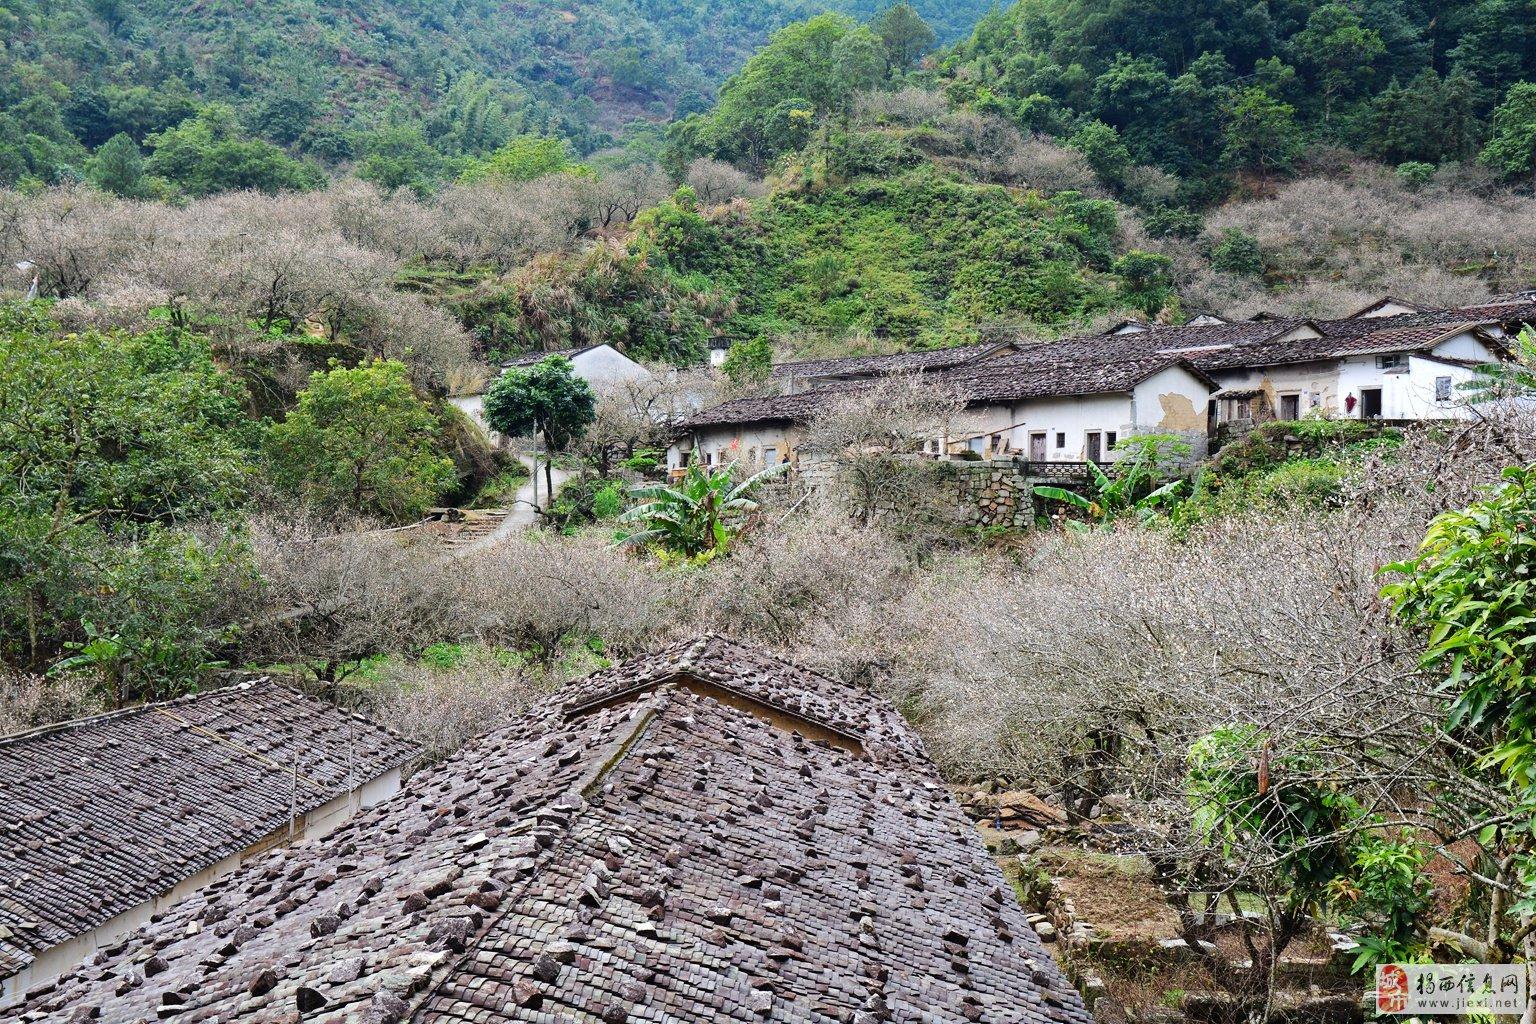 揭西的独山风景区